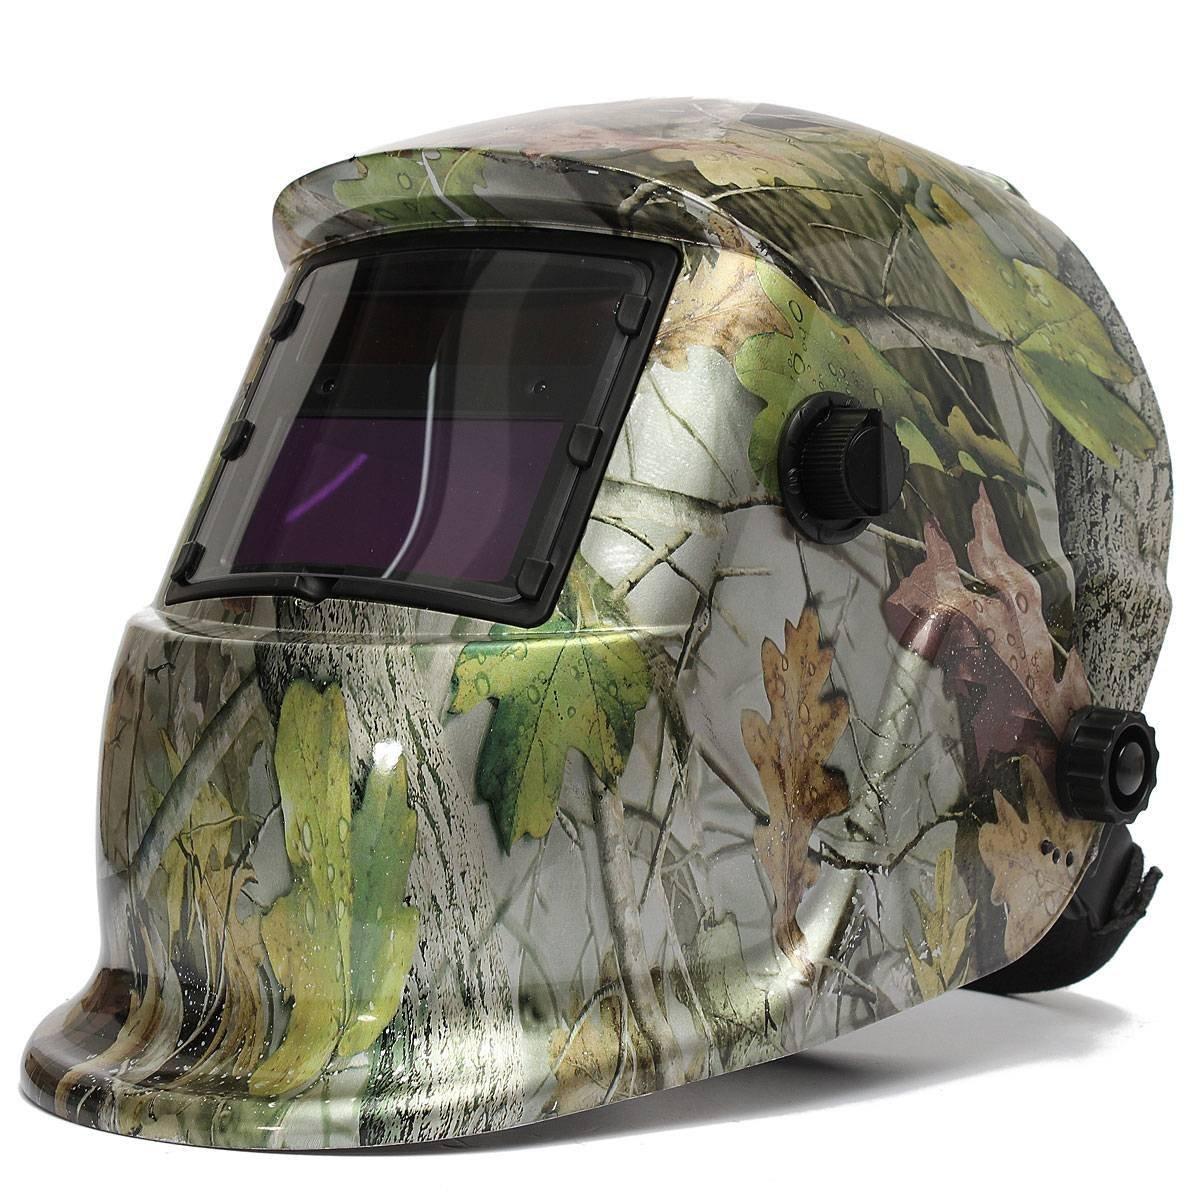 Welding Helmets Pro Adjustable Solar Powered Auto Darkening Solar Welders Welding Helmet Mask Forest Camo